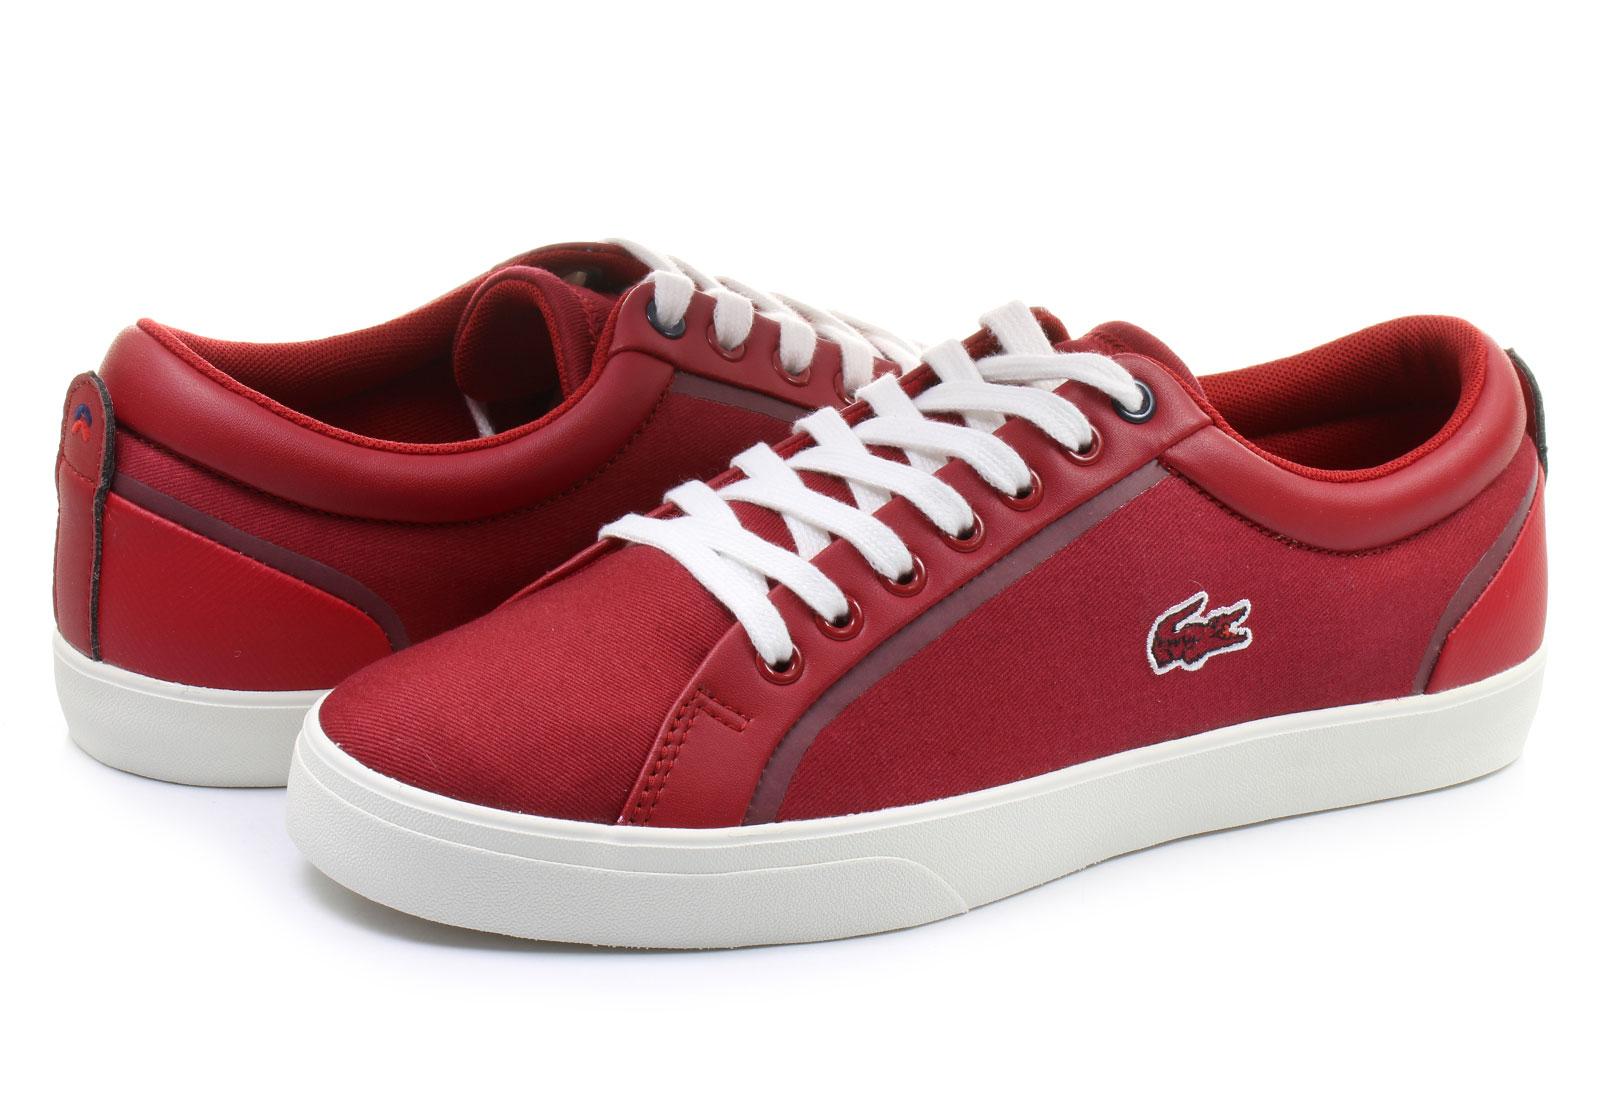 lacoste shoes lenglen 162spm0113047 online shop for